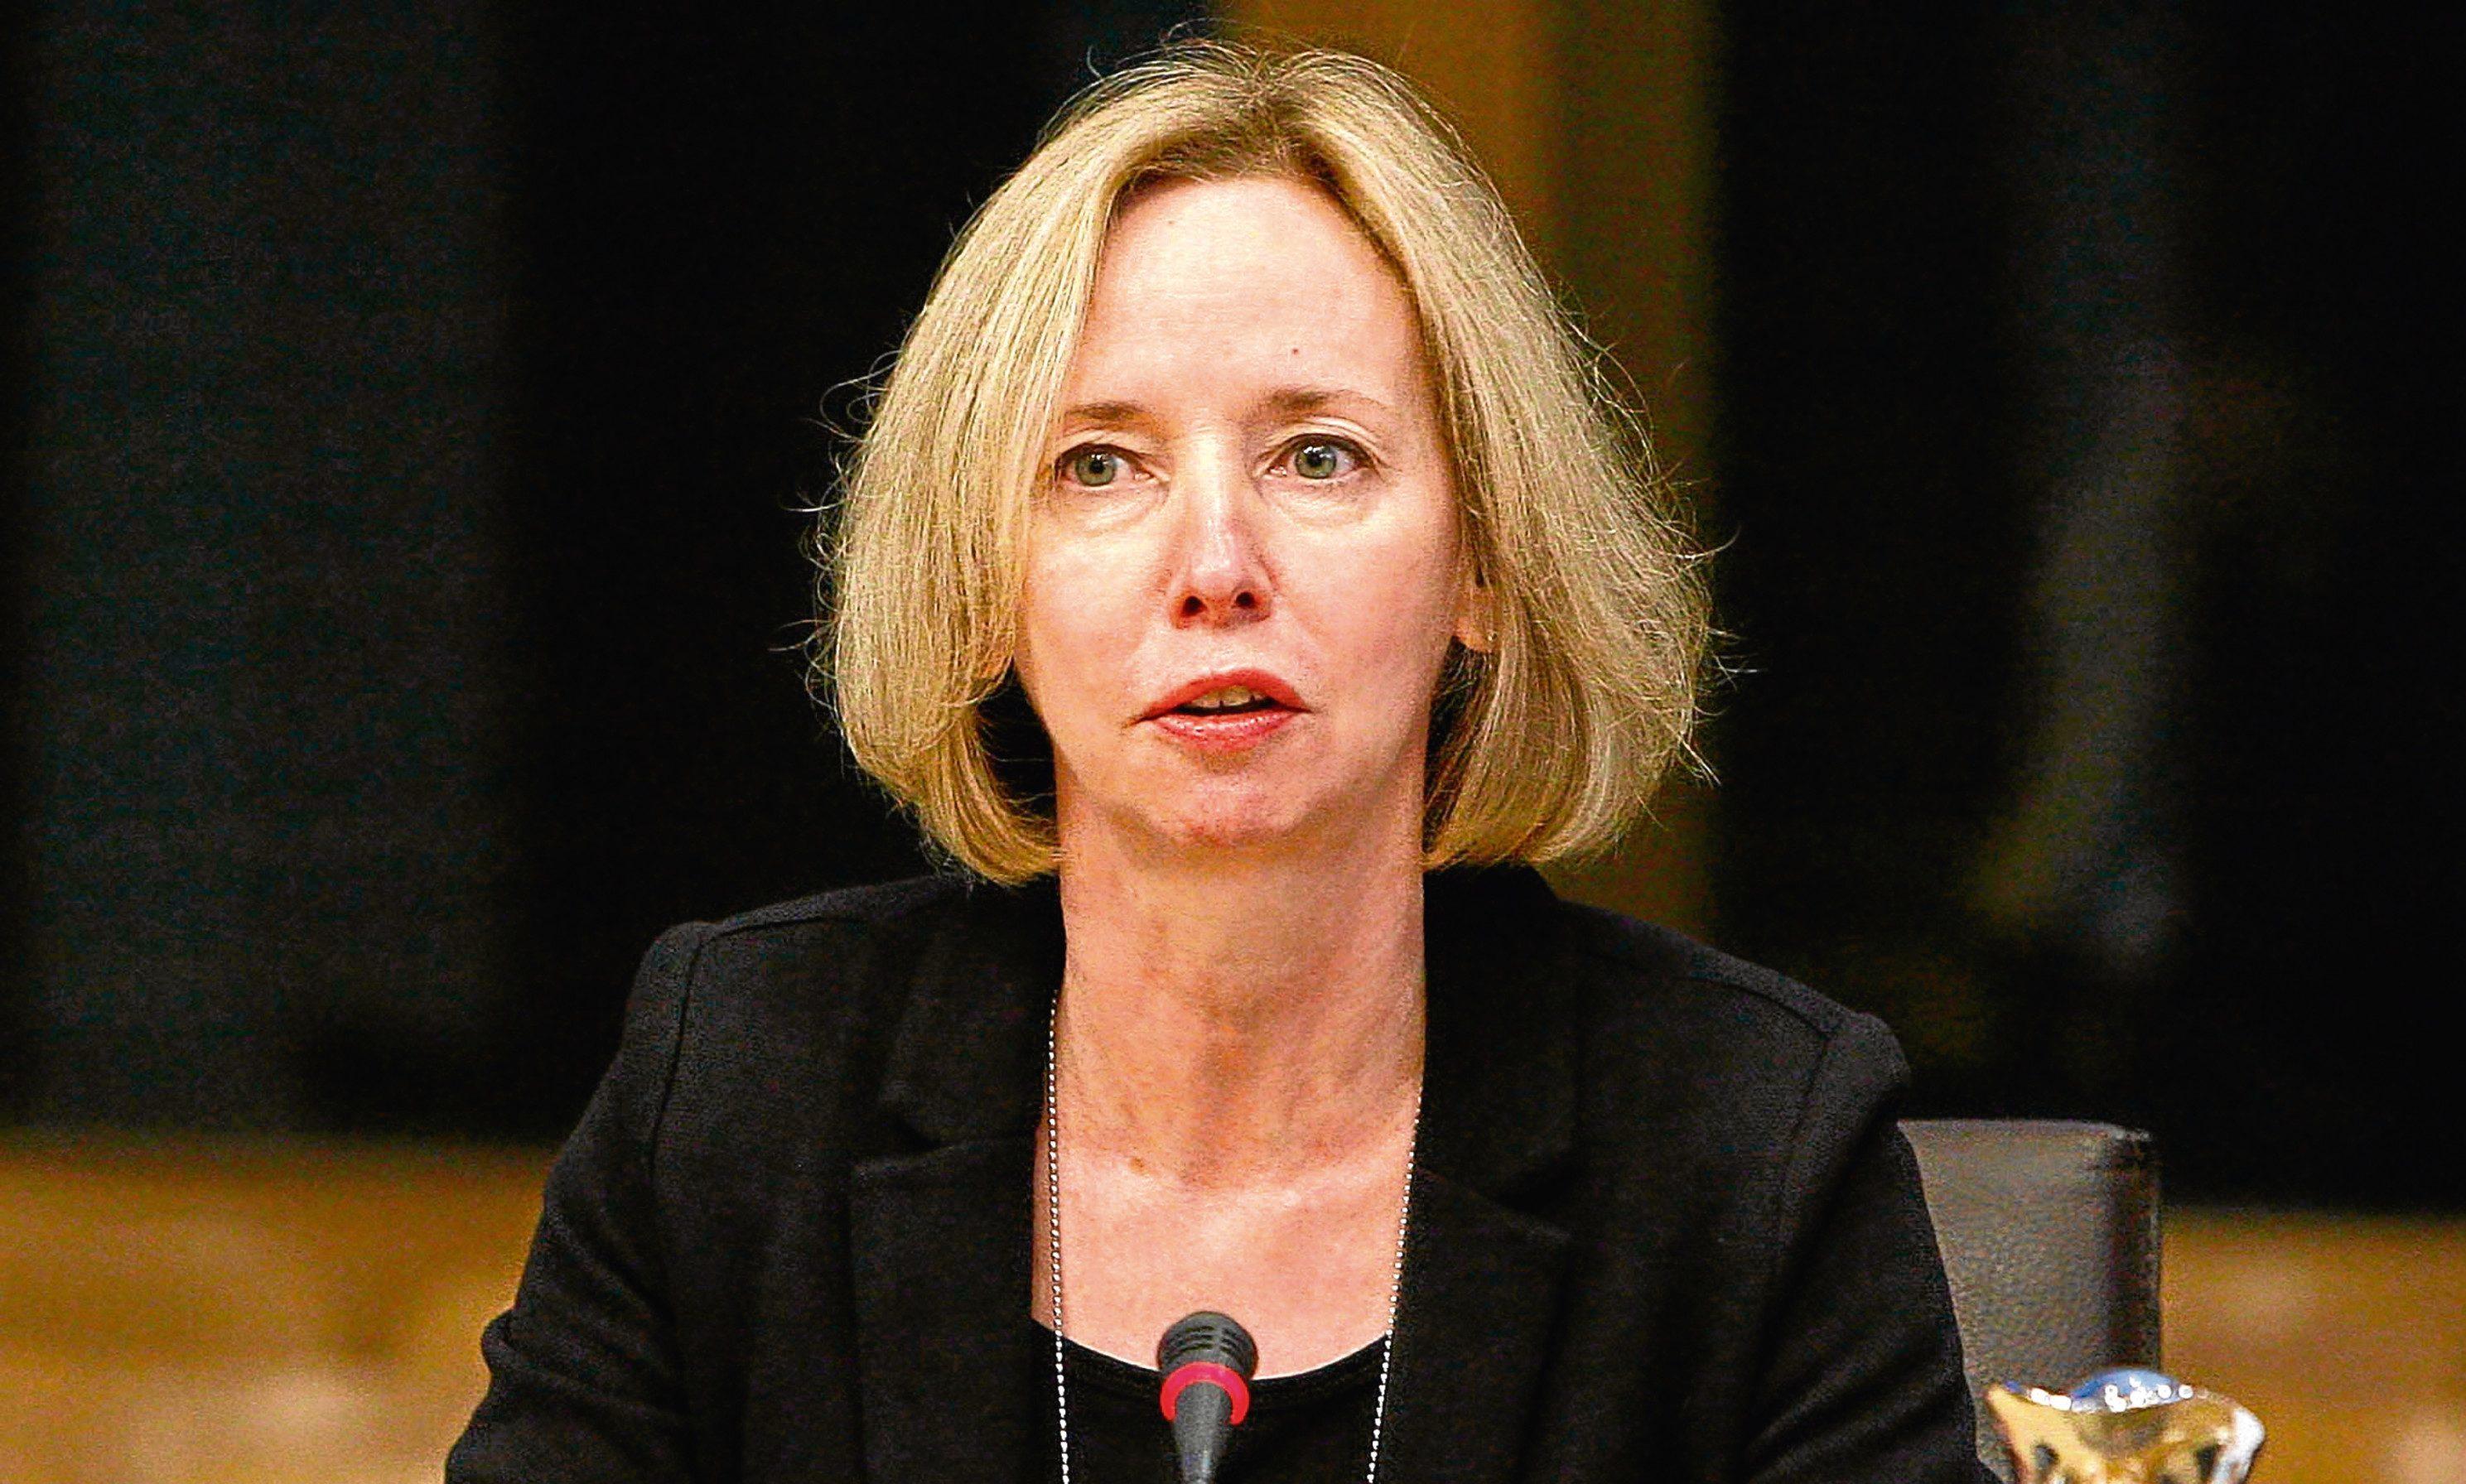 Caroline Gardner, Auditor General for Scotland